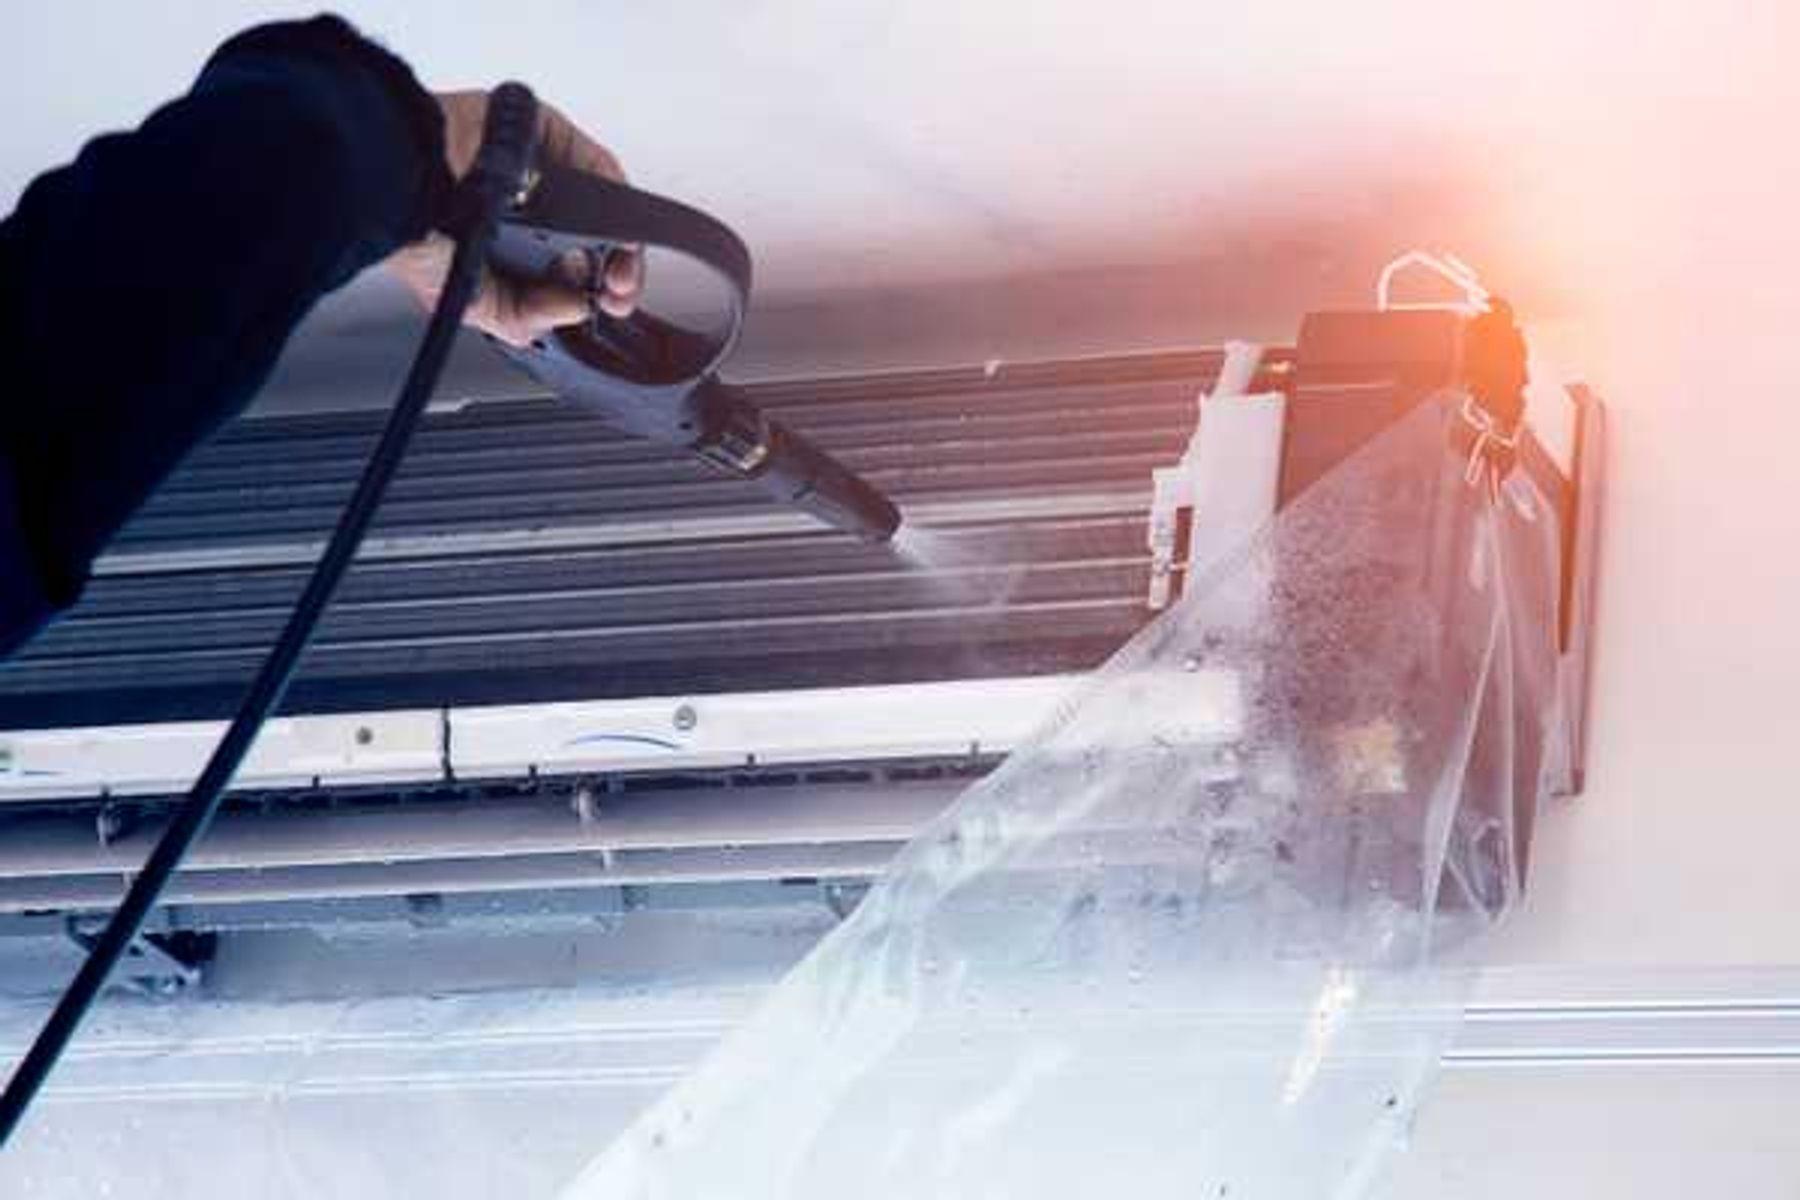 Cách tháo máy lạnh, điều hòa - Tháo vít giữ lõi thân máy để xịt nước vệ sinh